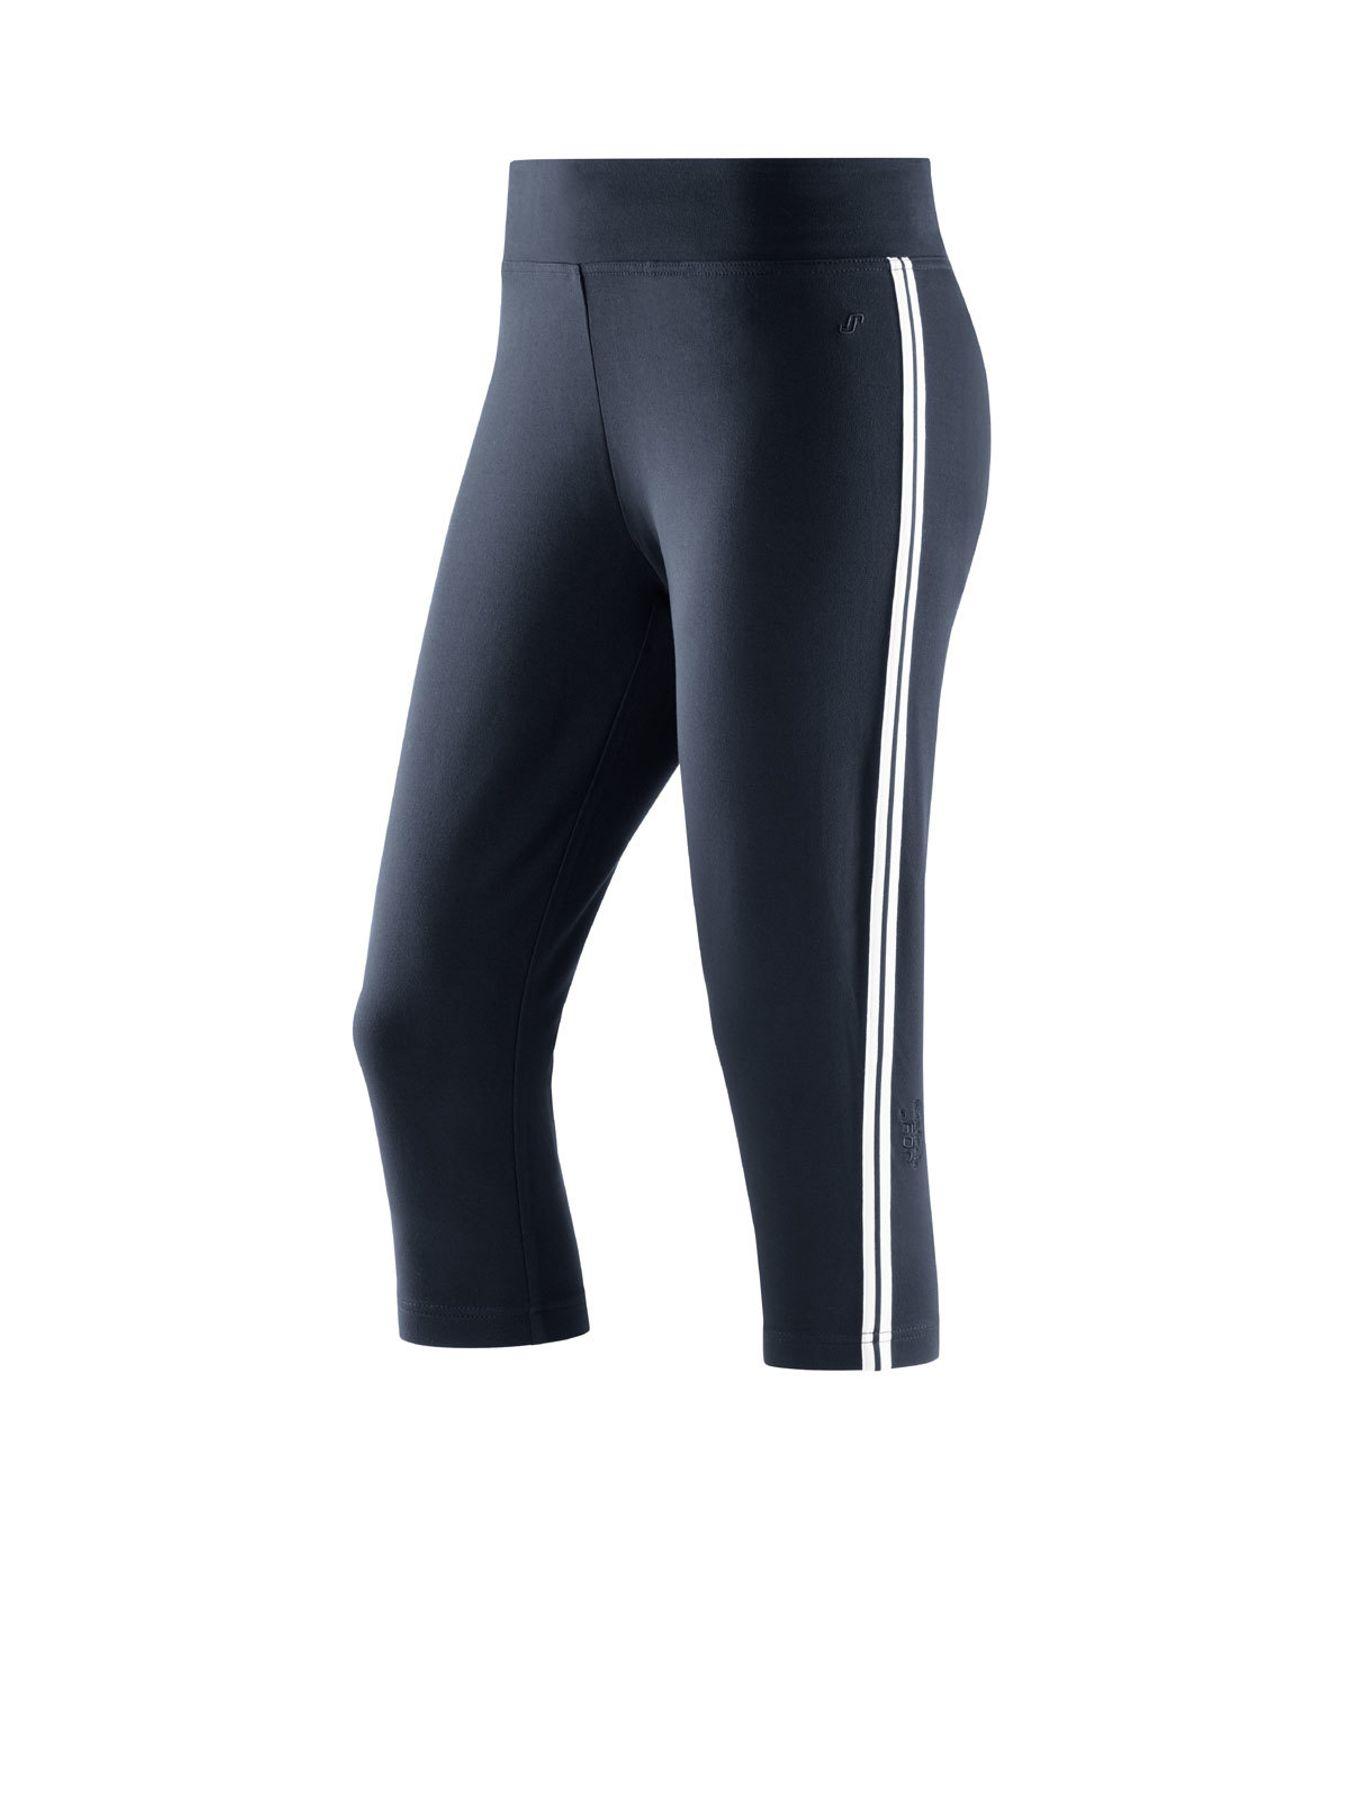 Joy - Damen Caprihose 3/4 Hose für Sport und Freizeit in verschiedenen Farben, Lola (34521A) – Bild 1